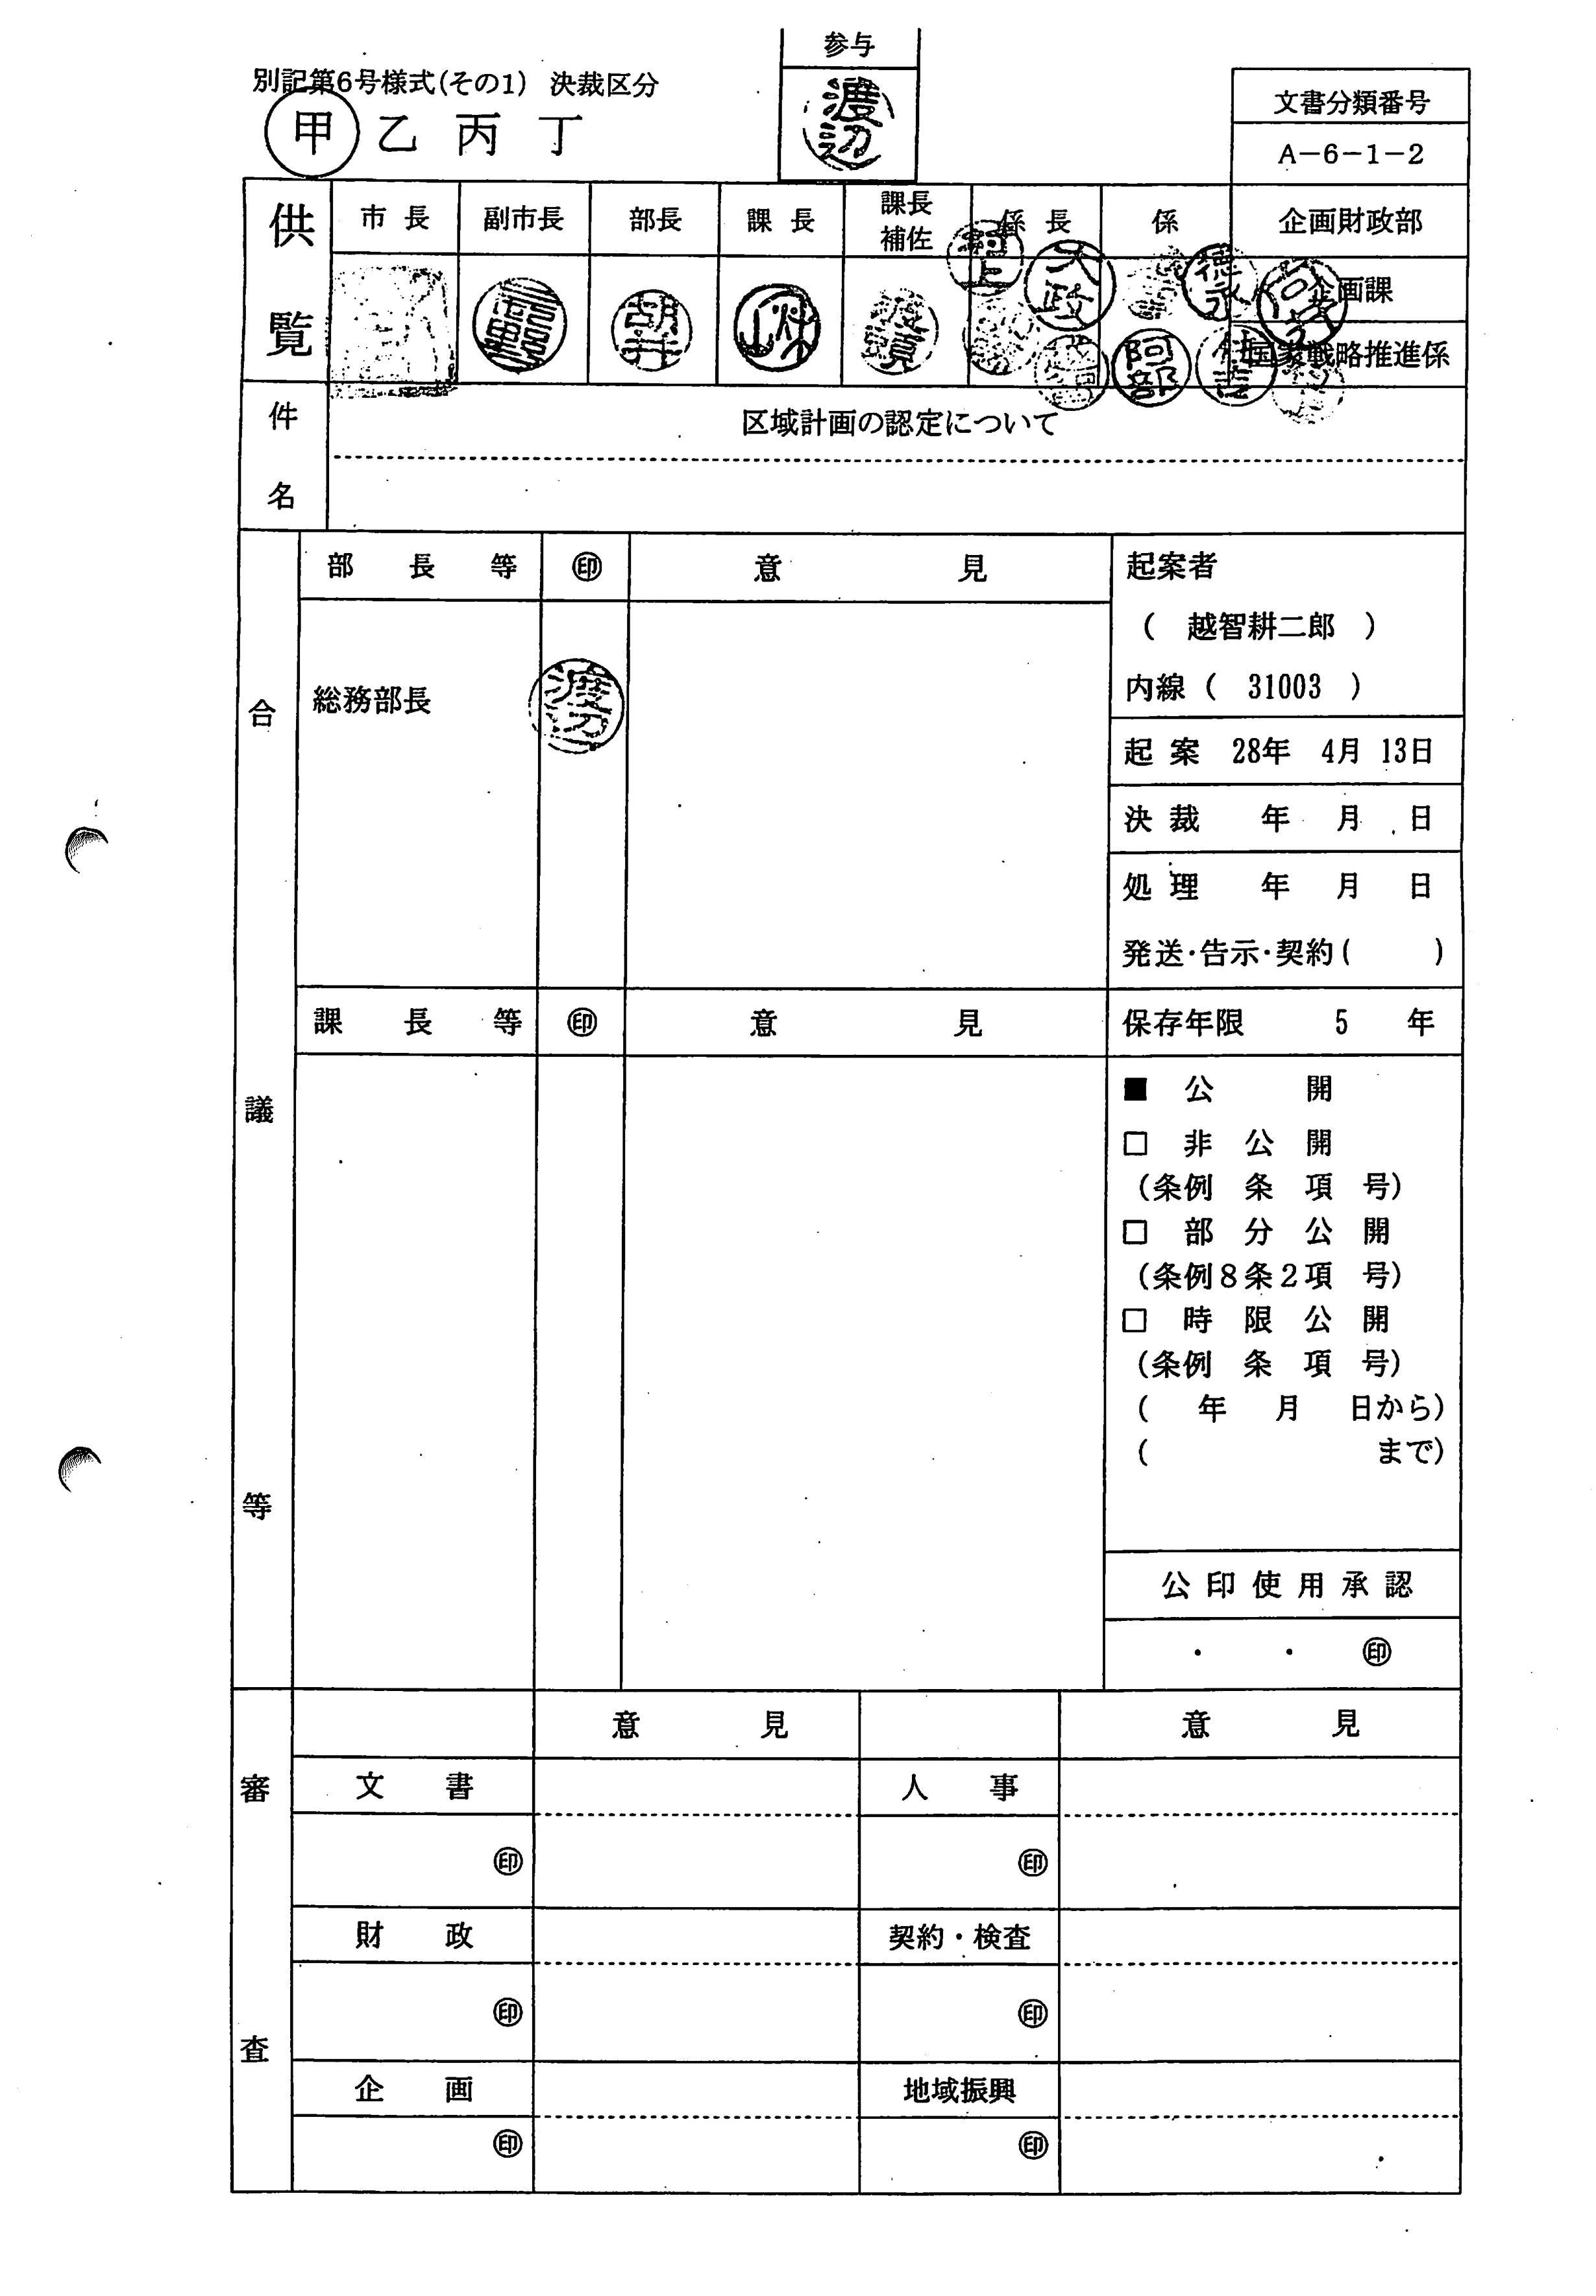 今治市 20160413 区域計画の認定 (1)